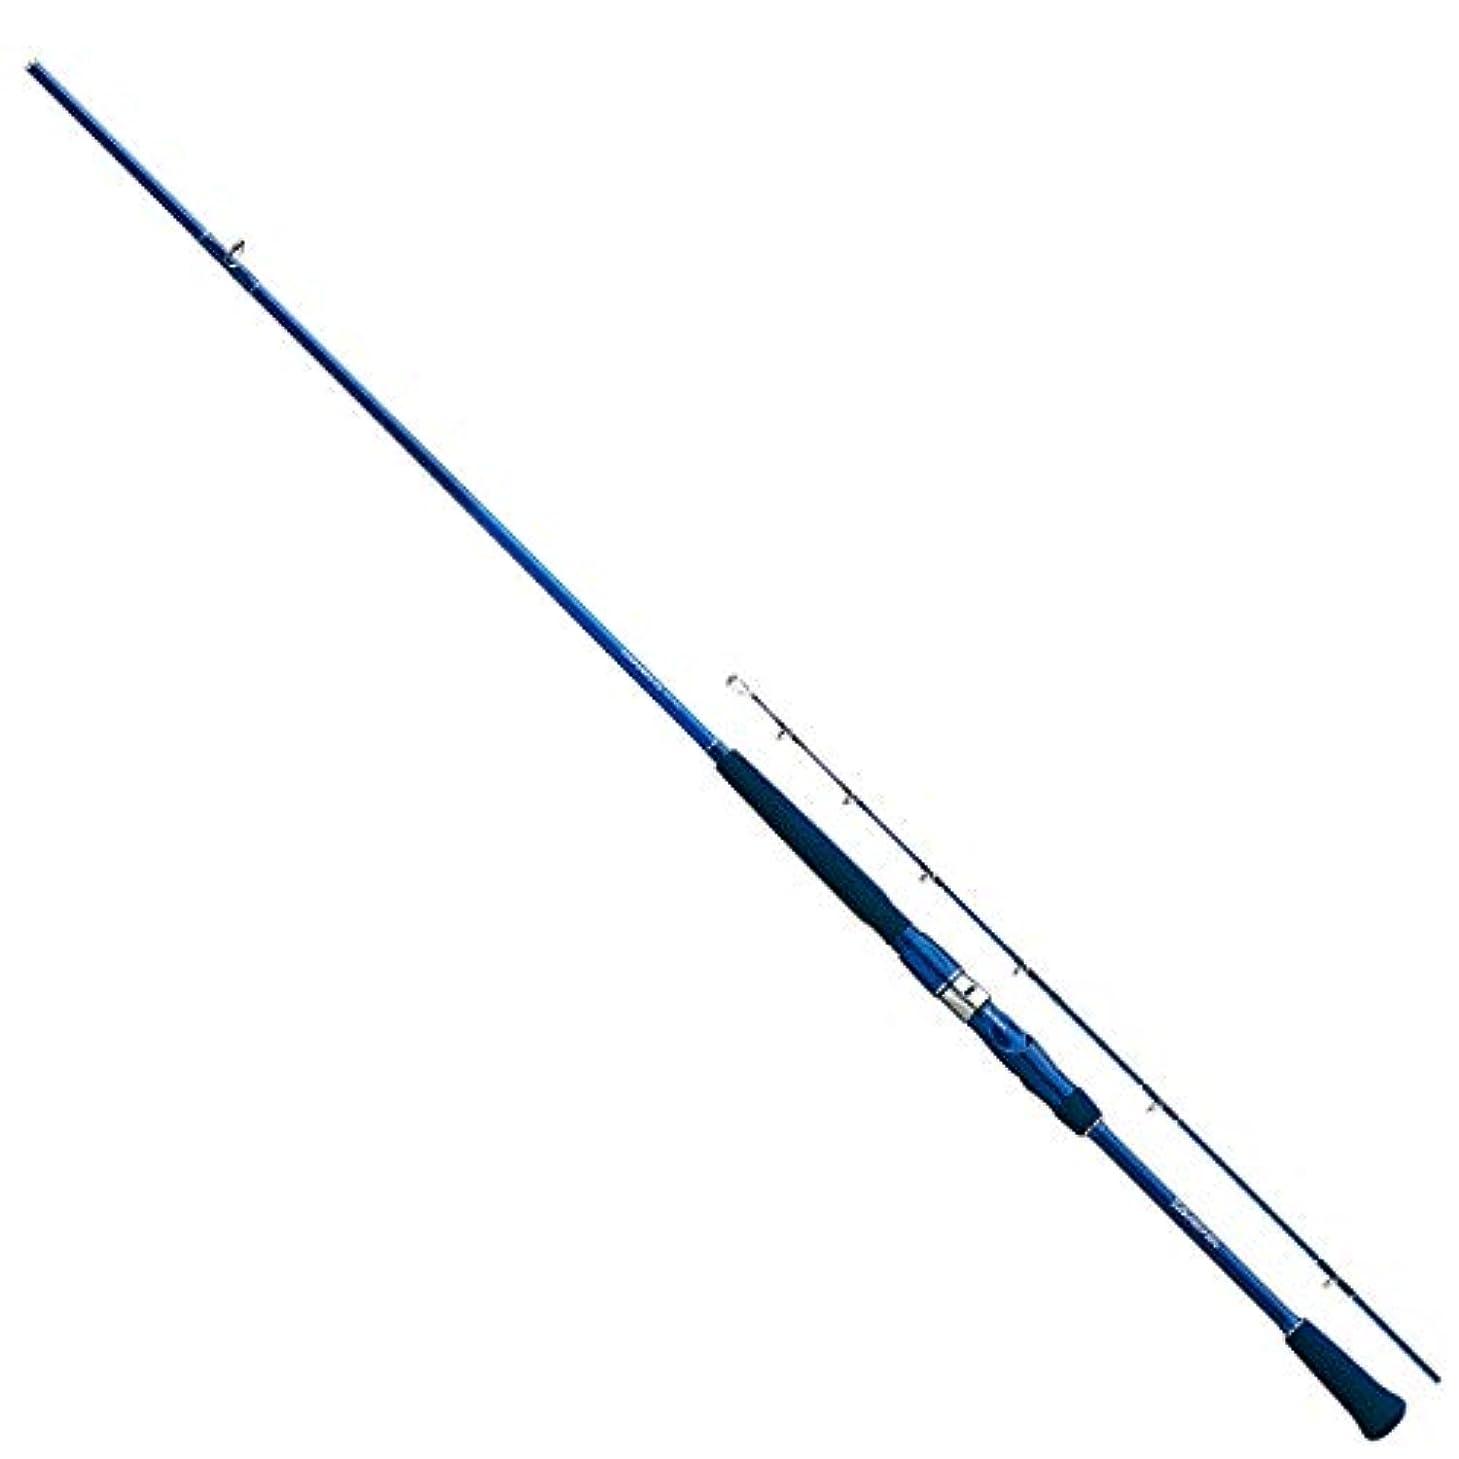 ブラインド宇宙エンコミウムダイワ(Daiwa) 船竿 ベイト シーパワー73 30-240 釣り竿